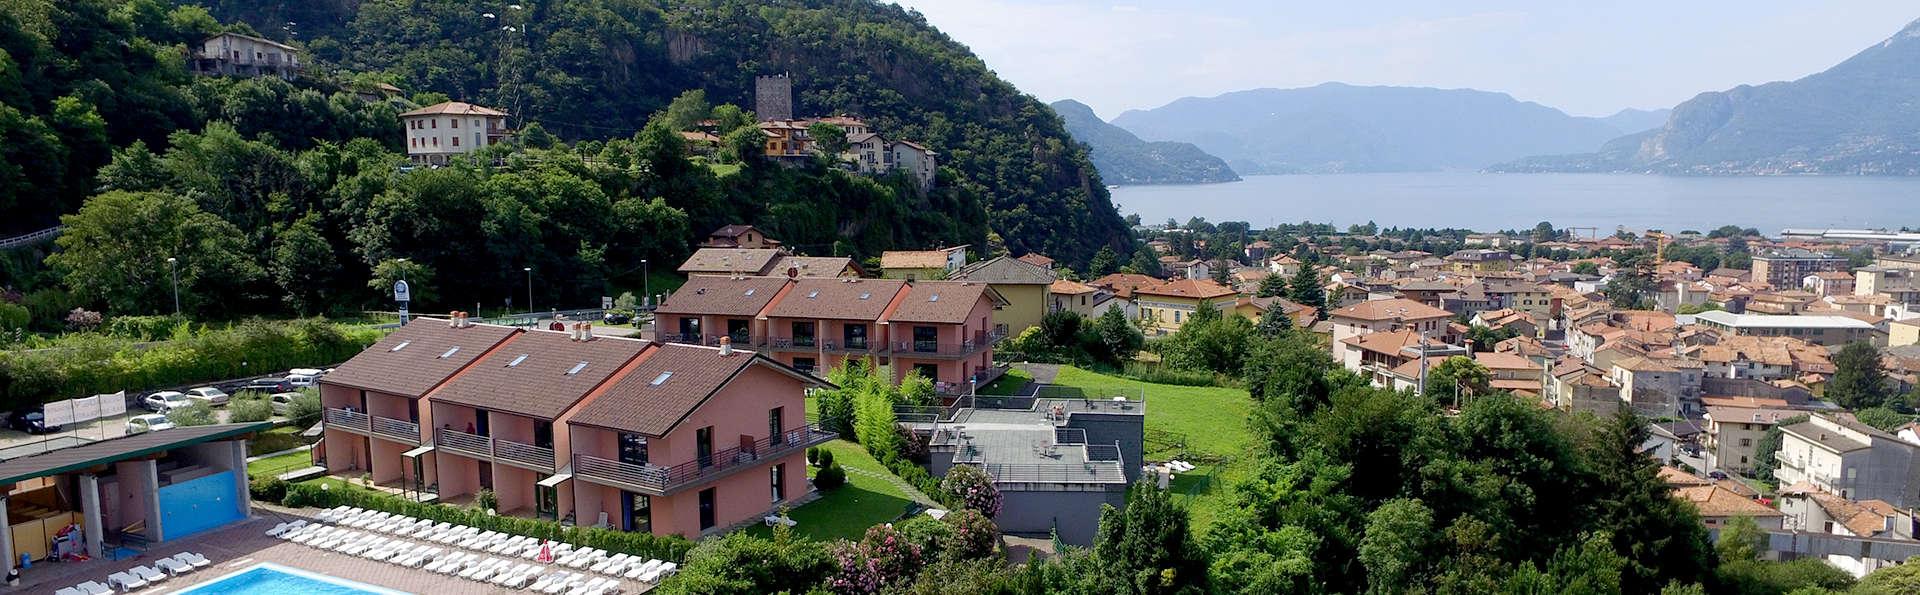 Séjour dans une splendide résidence sur le lac de Côme (à partir de 3 nuits)